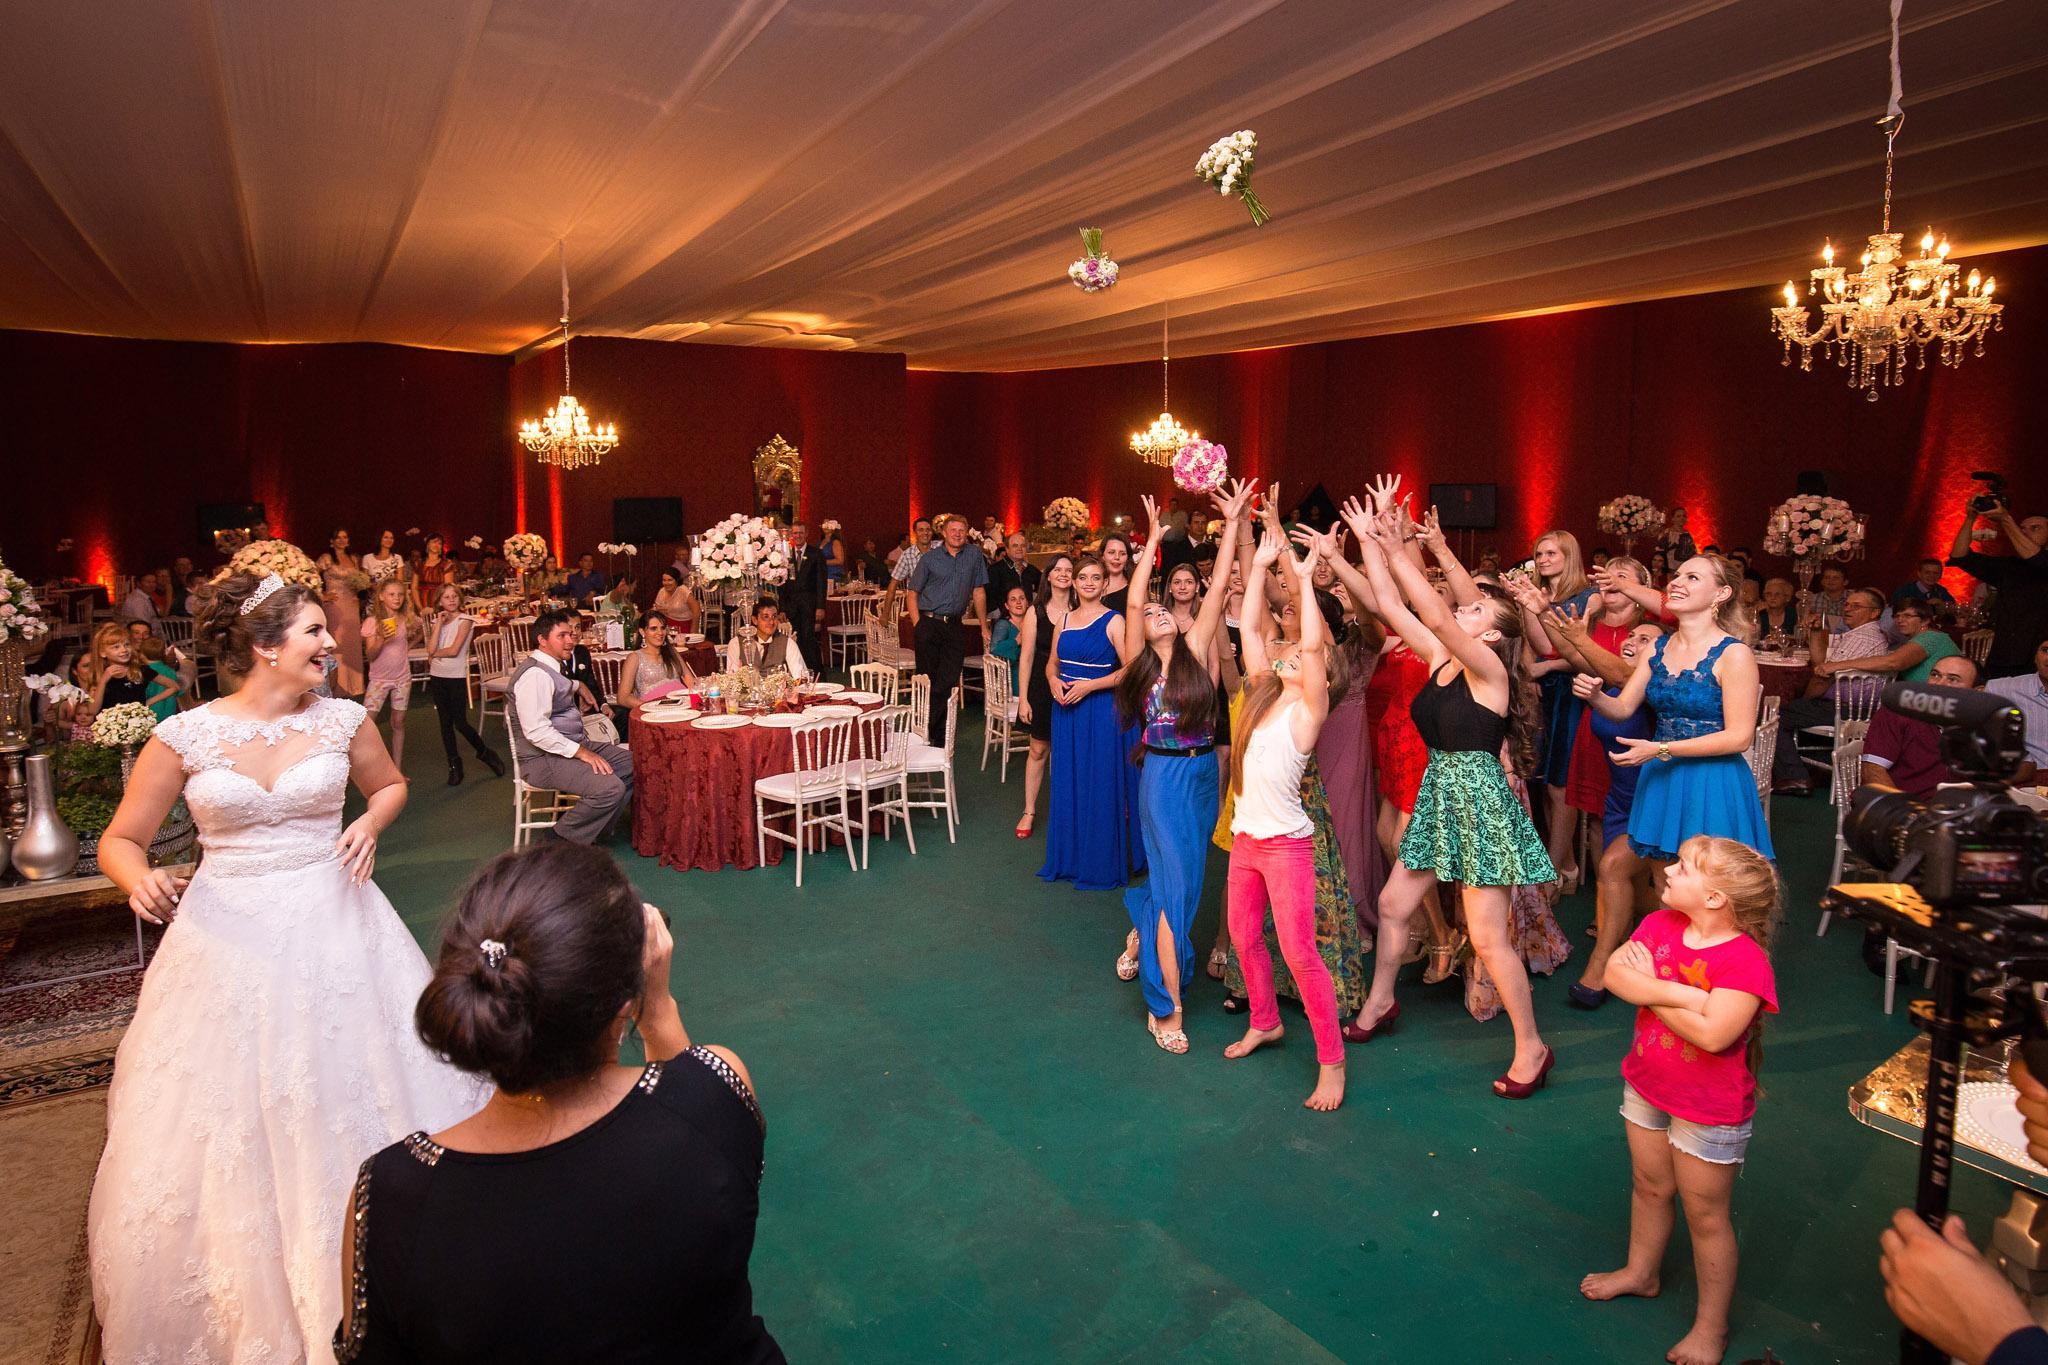 destination-wedding-travellers-brazil-paraguay-reception-garter-toss